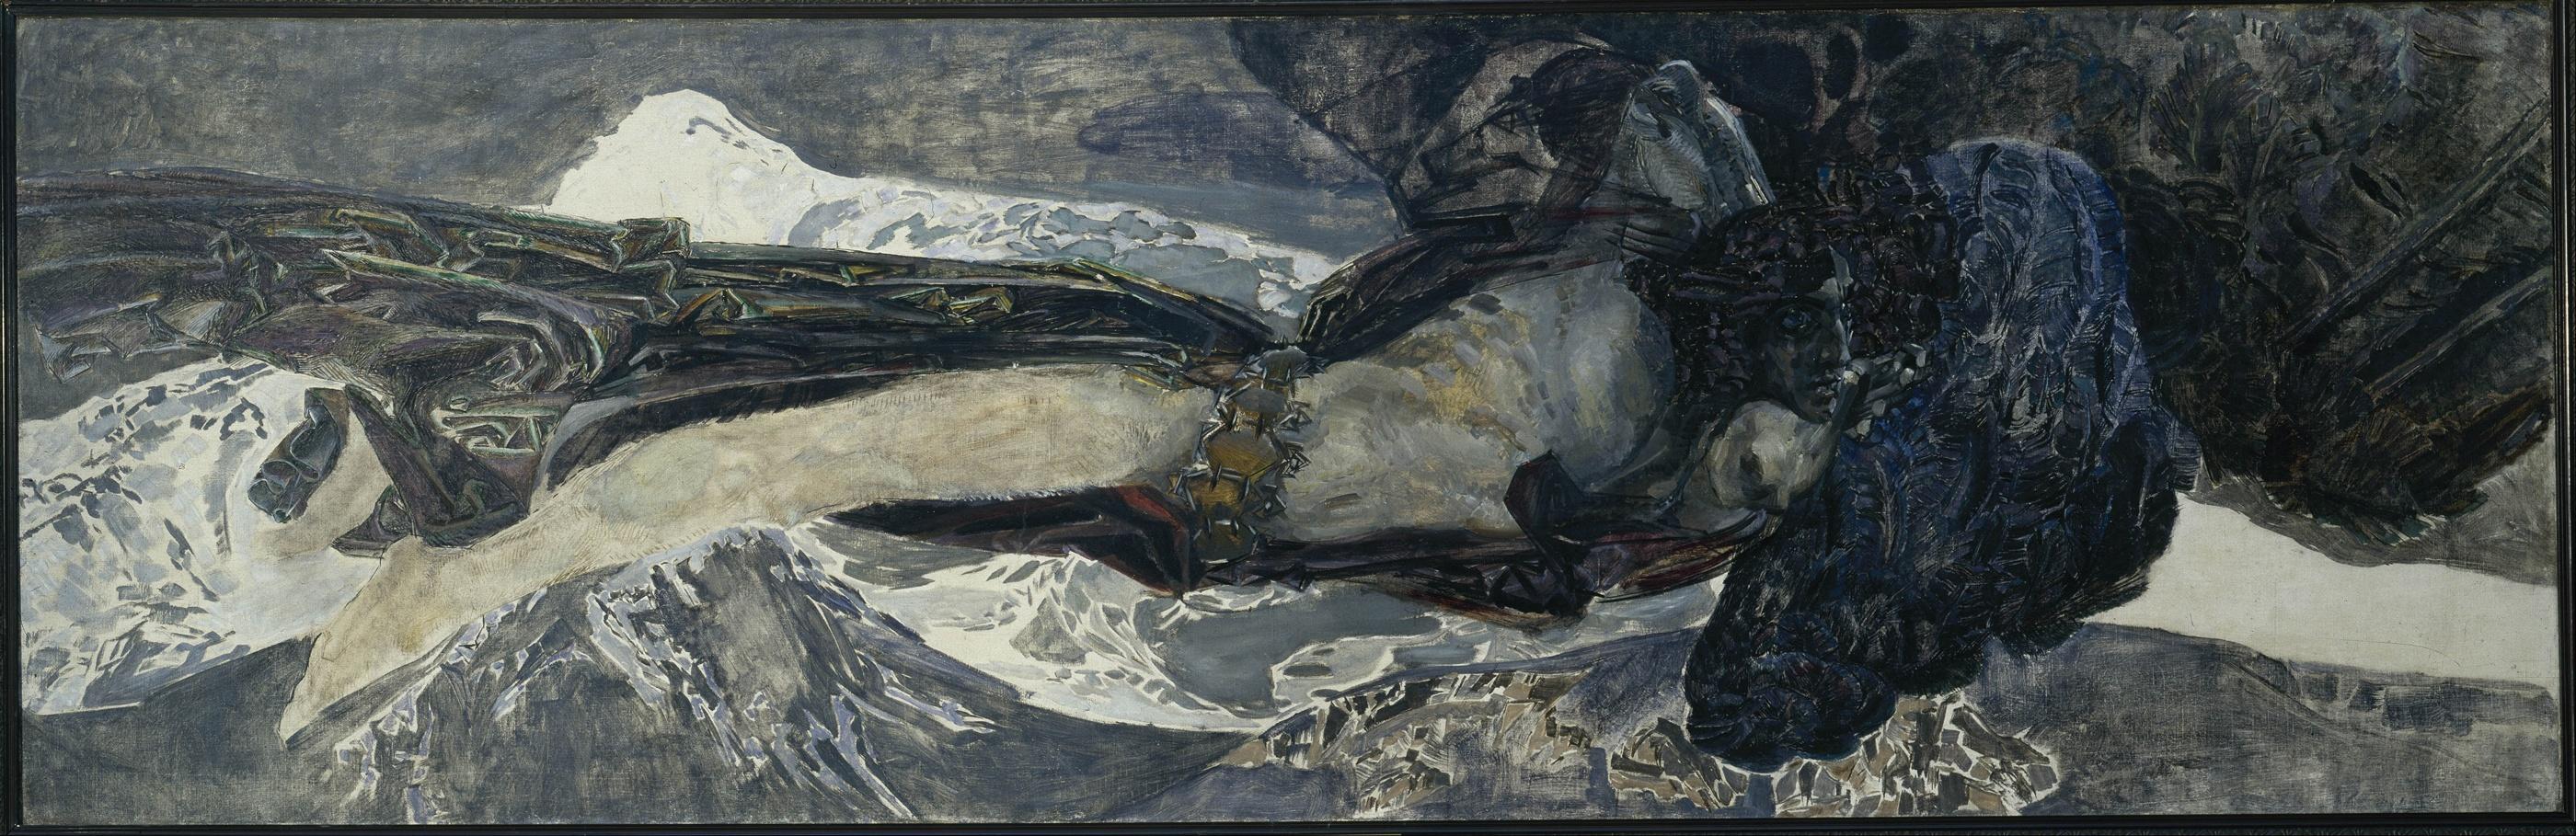 Летящий Демон :: Врубель М.А. - Врубель Михаил Александрович ( Vrubel Michail ) фото